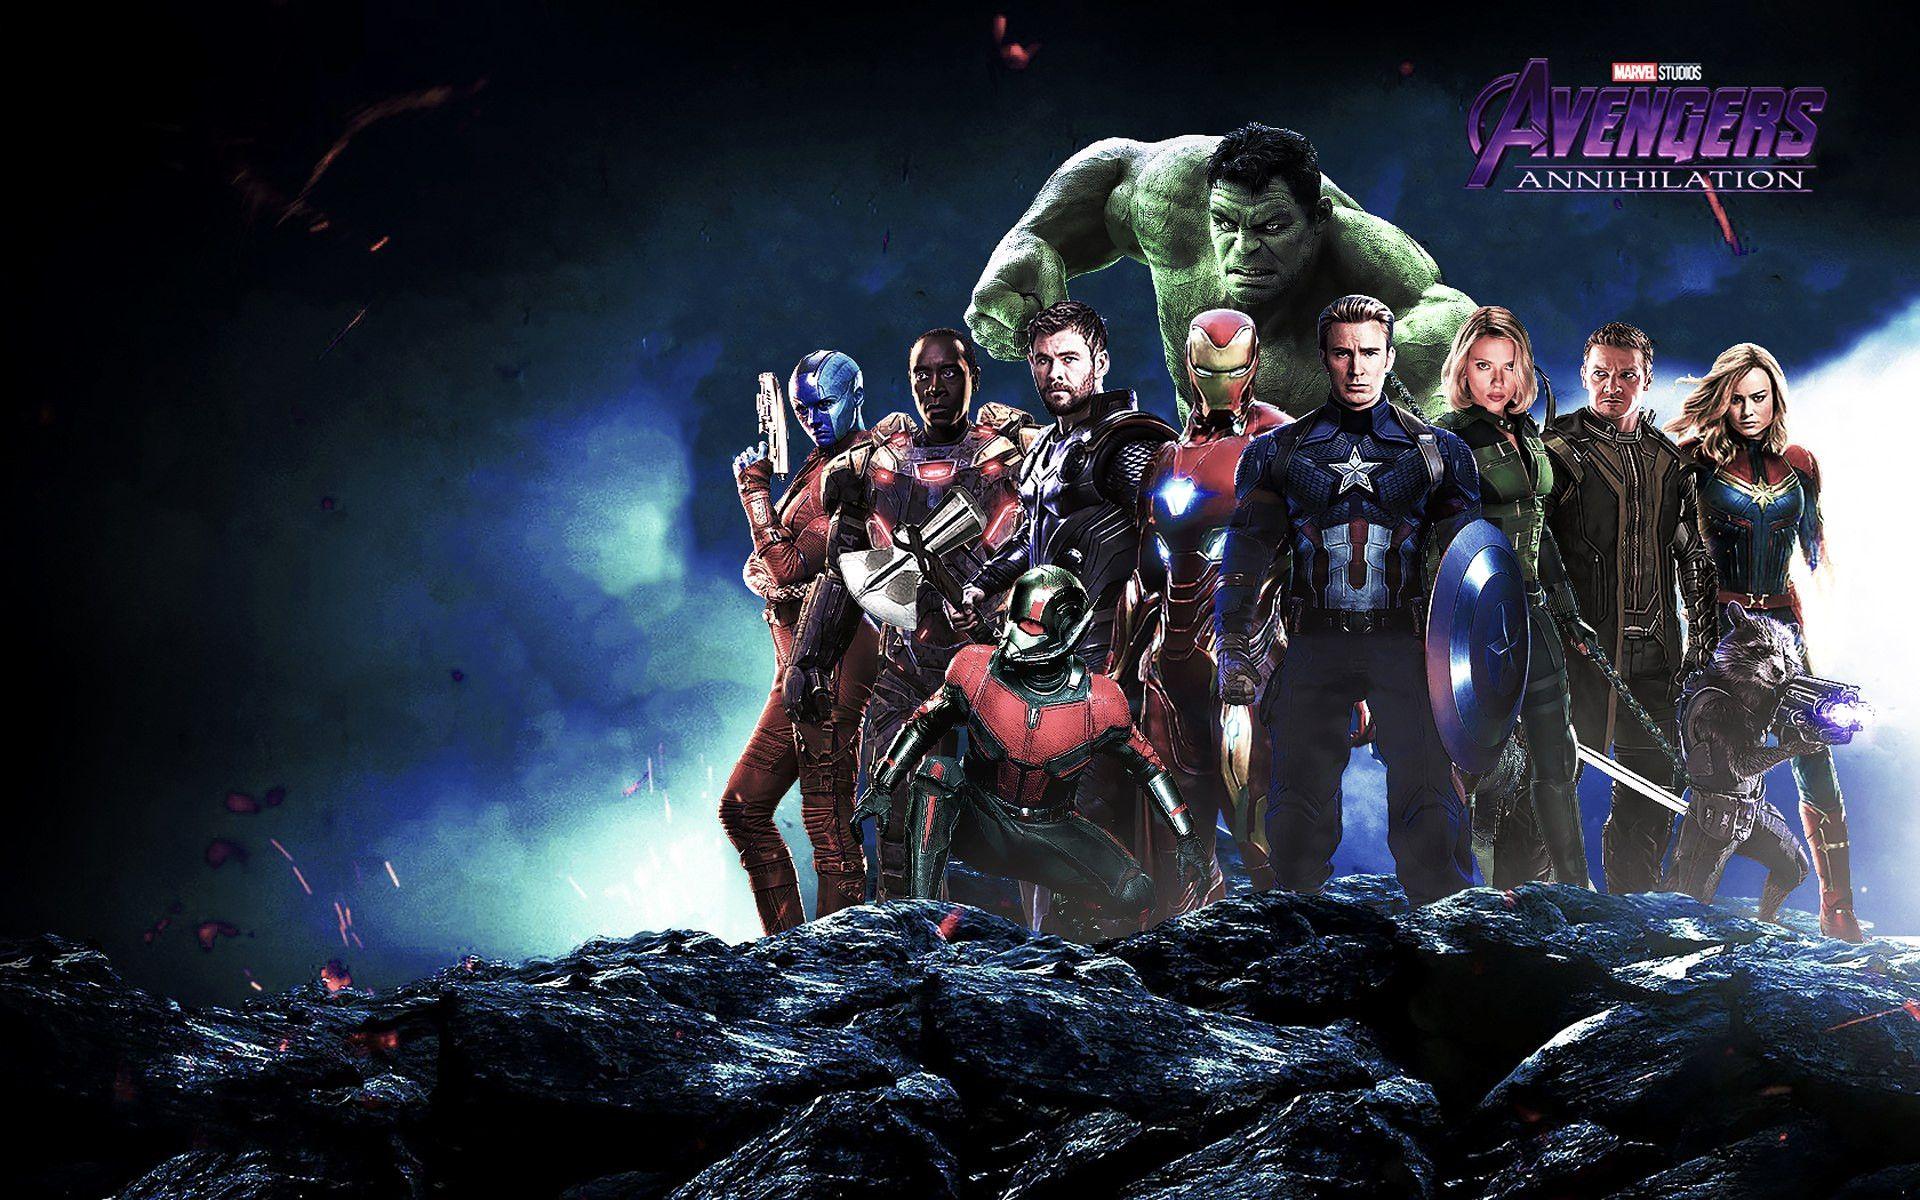 Awesome Avengers Endgame 2019 Annihilation Desktop Wallpapers Avengers Cartoon Avengers Marvel Avengers Funny